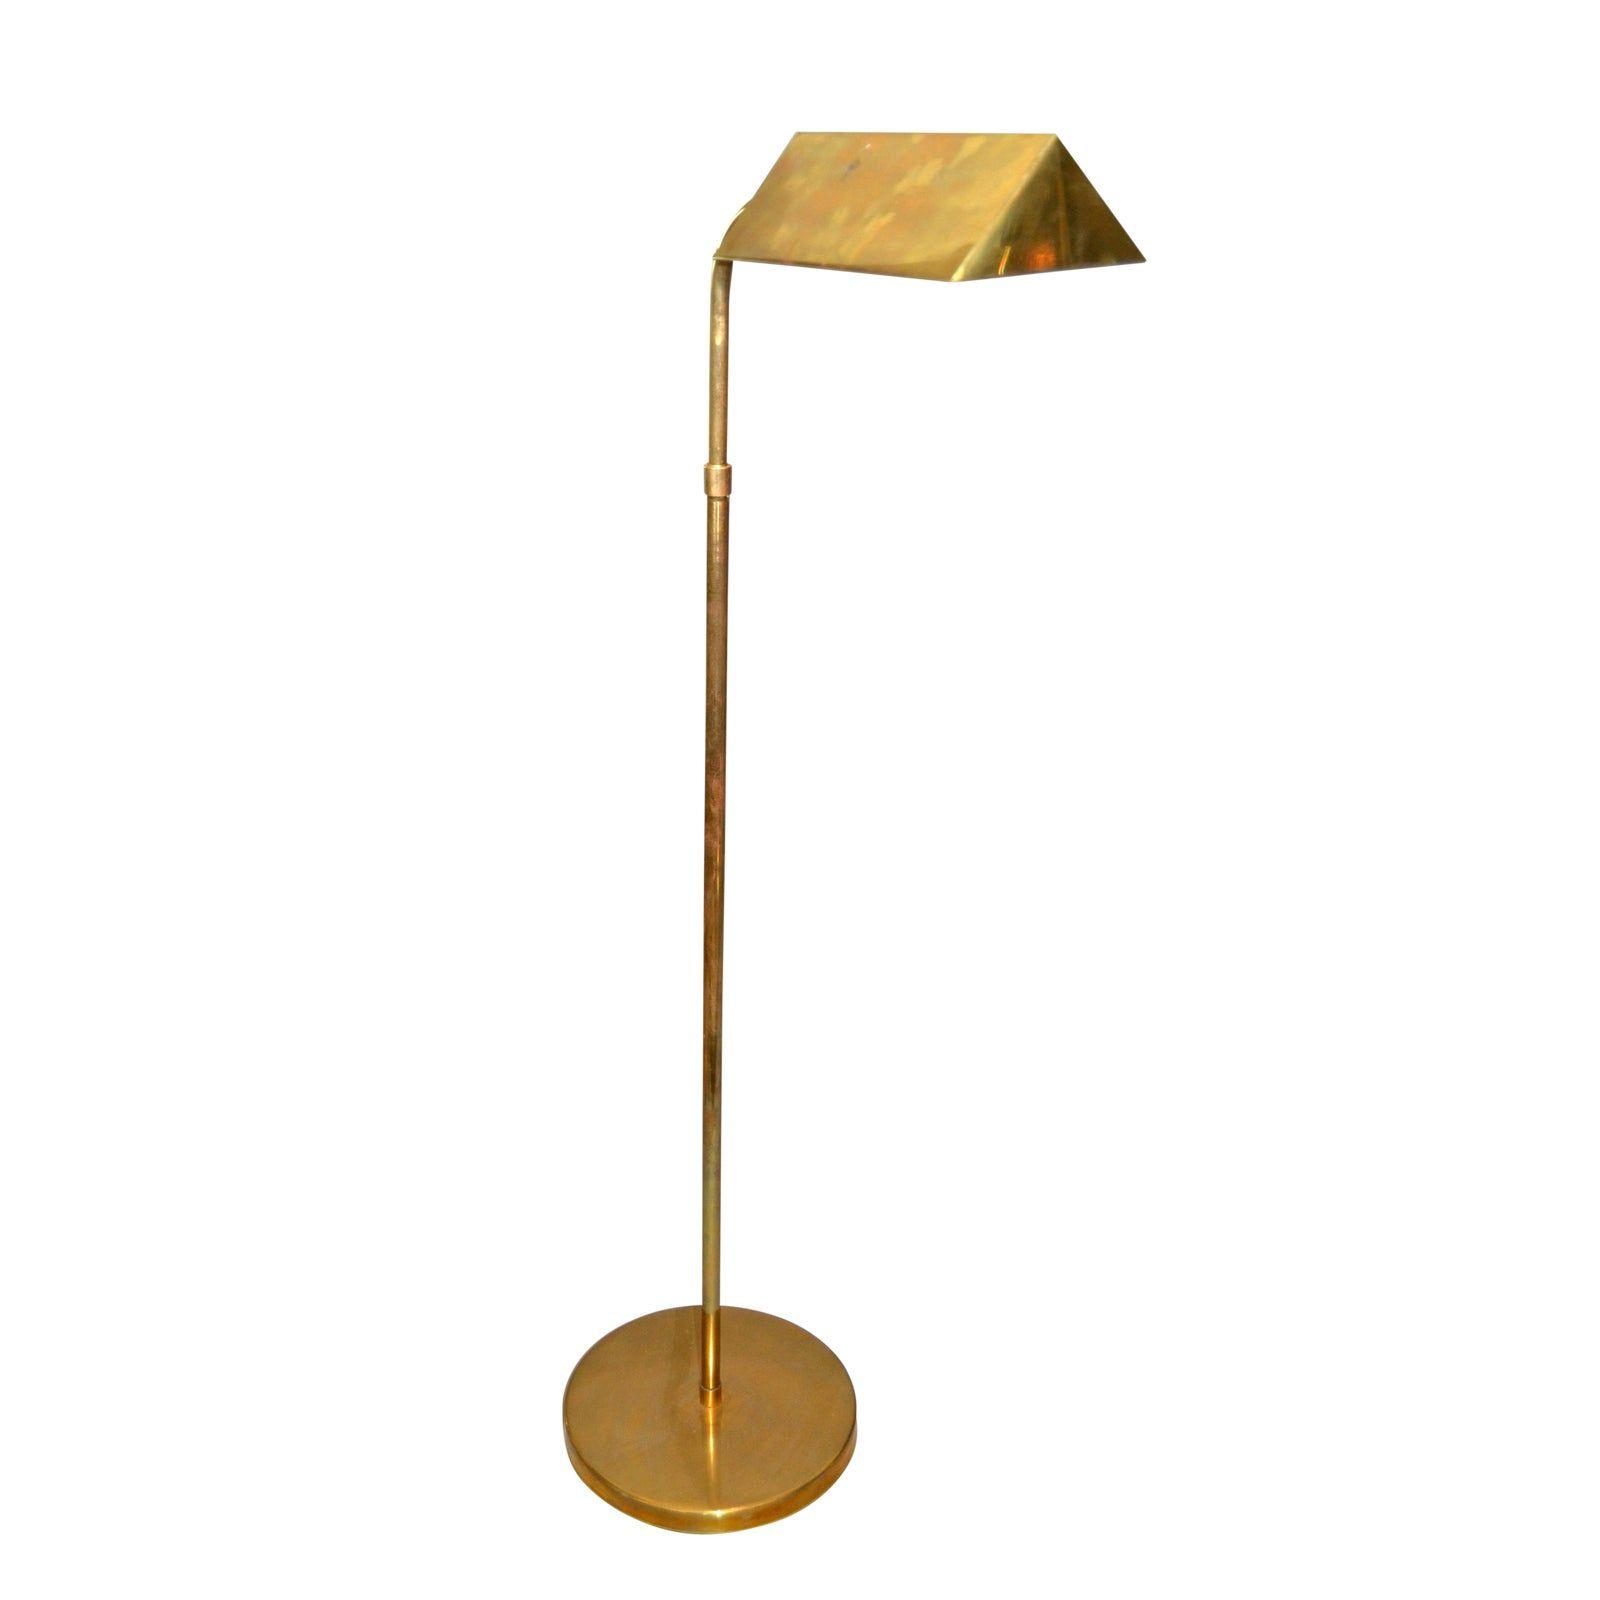 American Vintage Brass Floor Or Reading Lamp Chairish Lamp Reading Lamp Floor Lamp